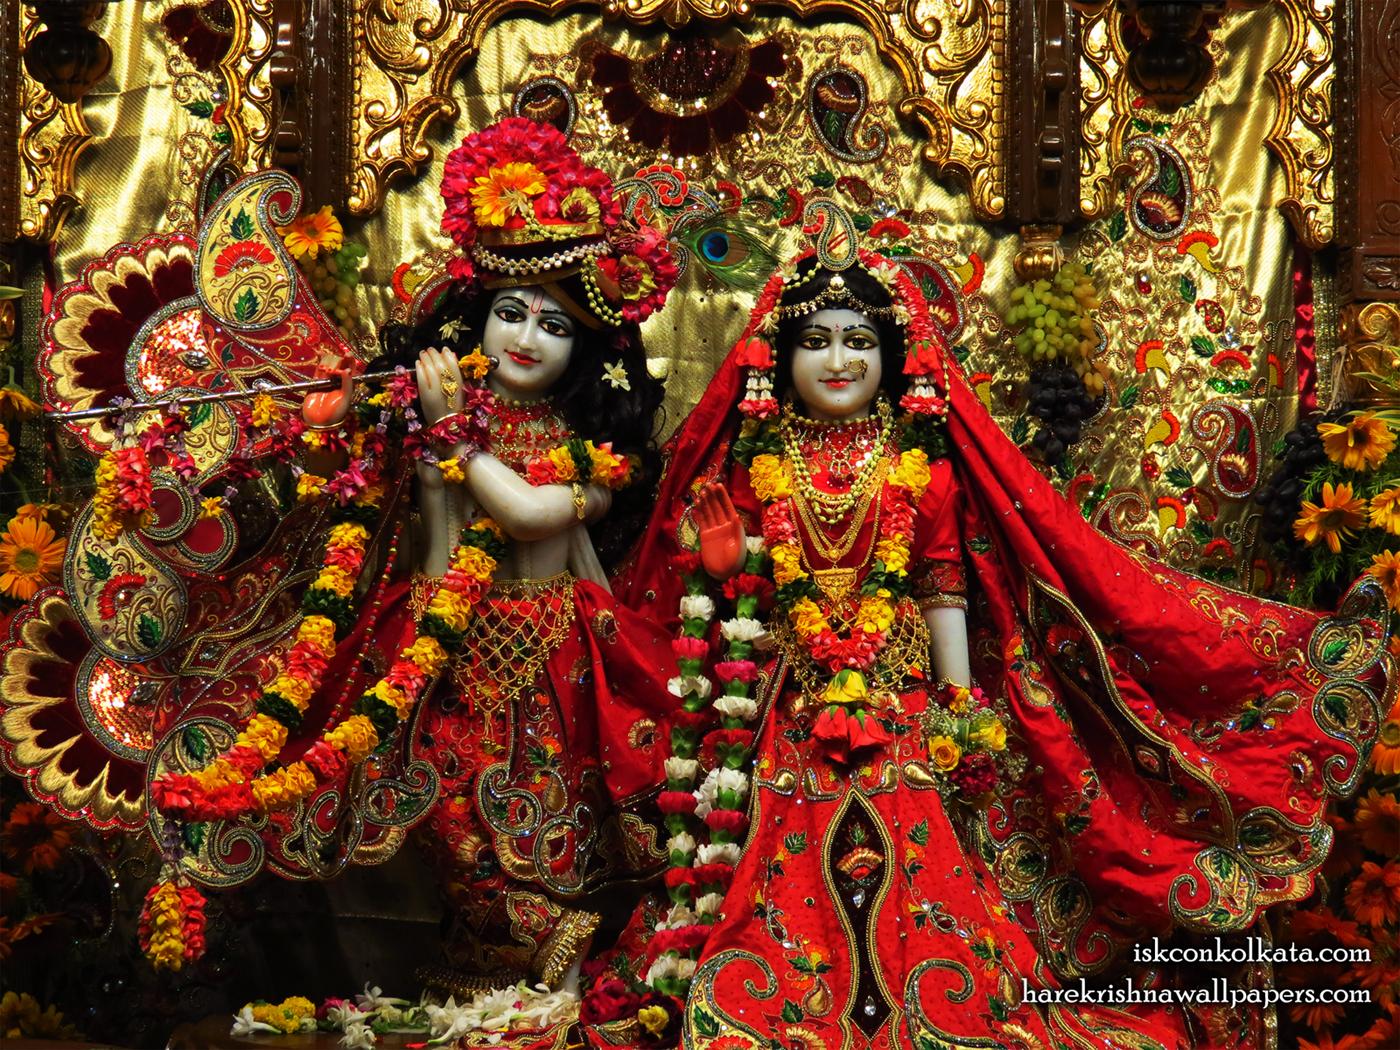 Sri Sri Radha Govinda Wallpaper (003) Size 1400x1050 Download